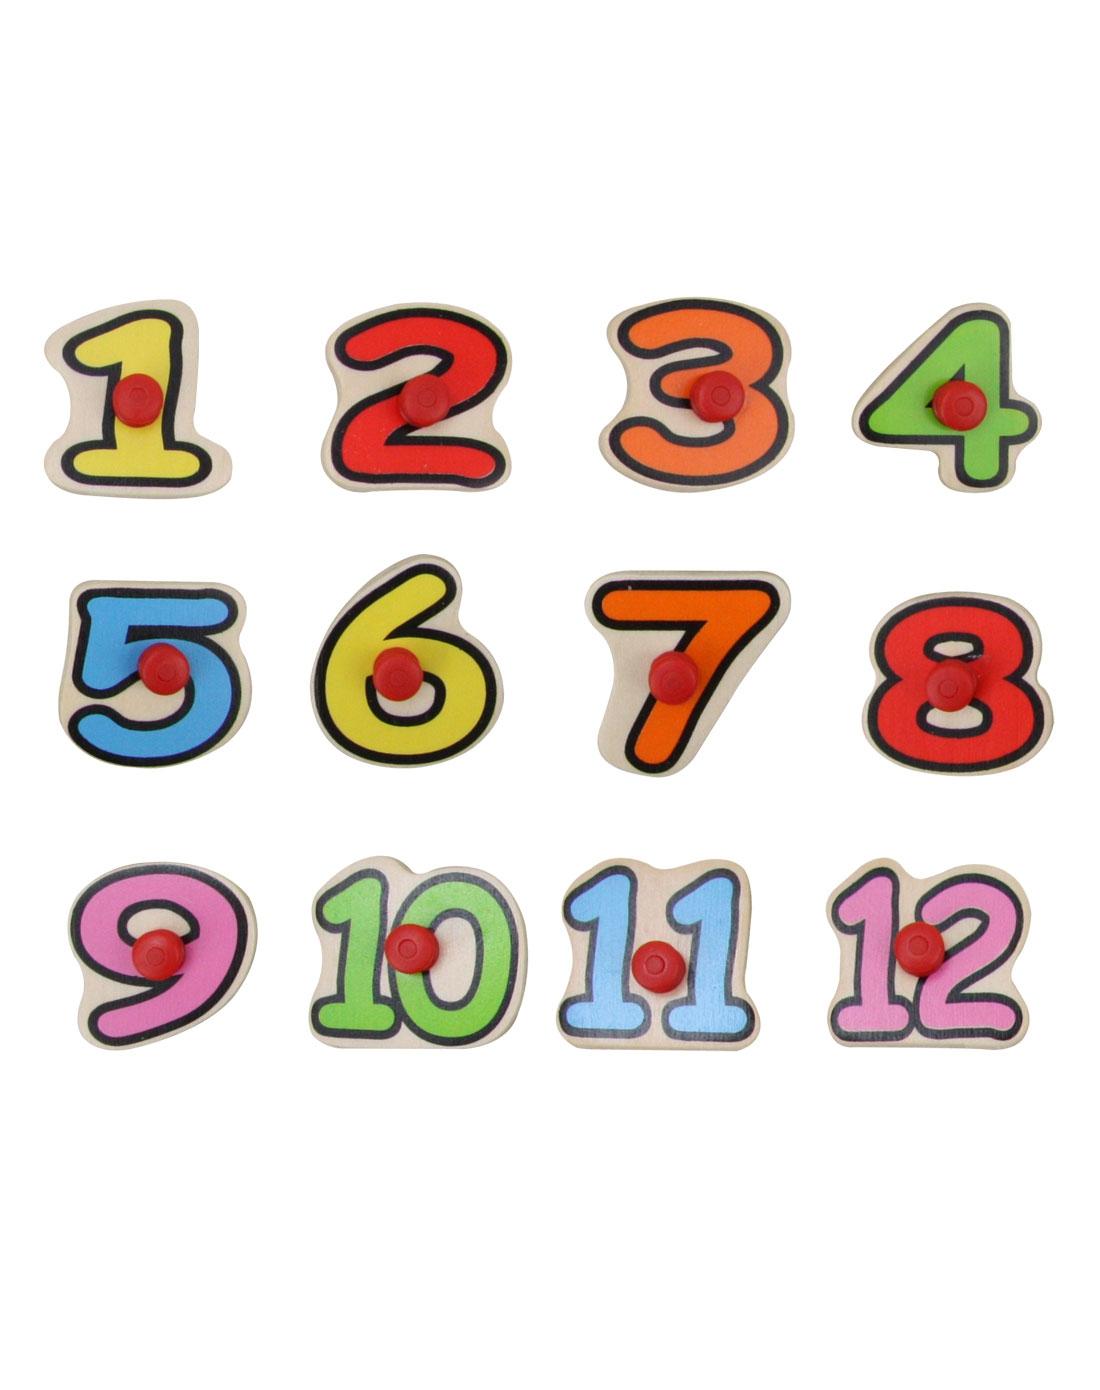 海绵宝宝儿童用品专场智立方海宝数字时钟拼图玩具p2